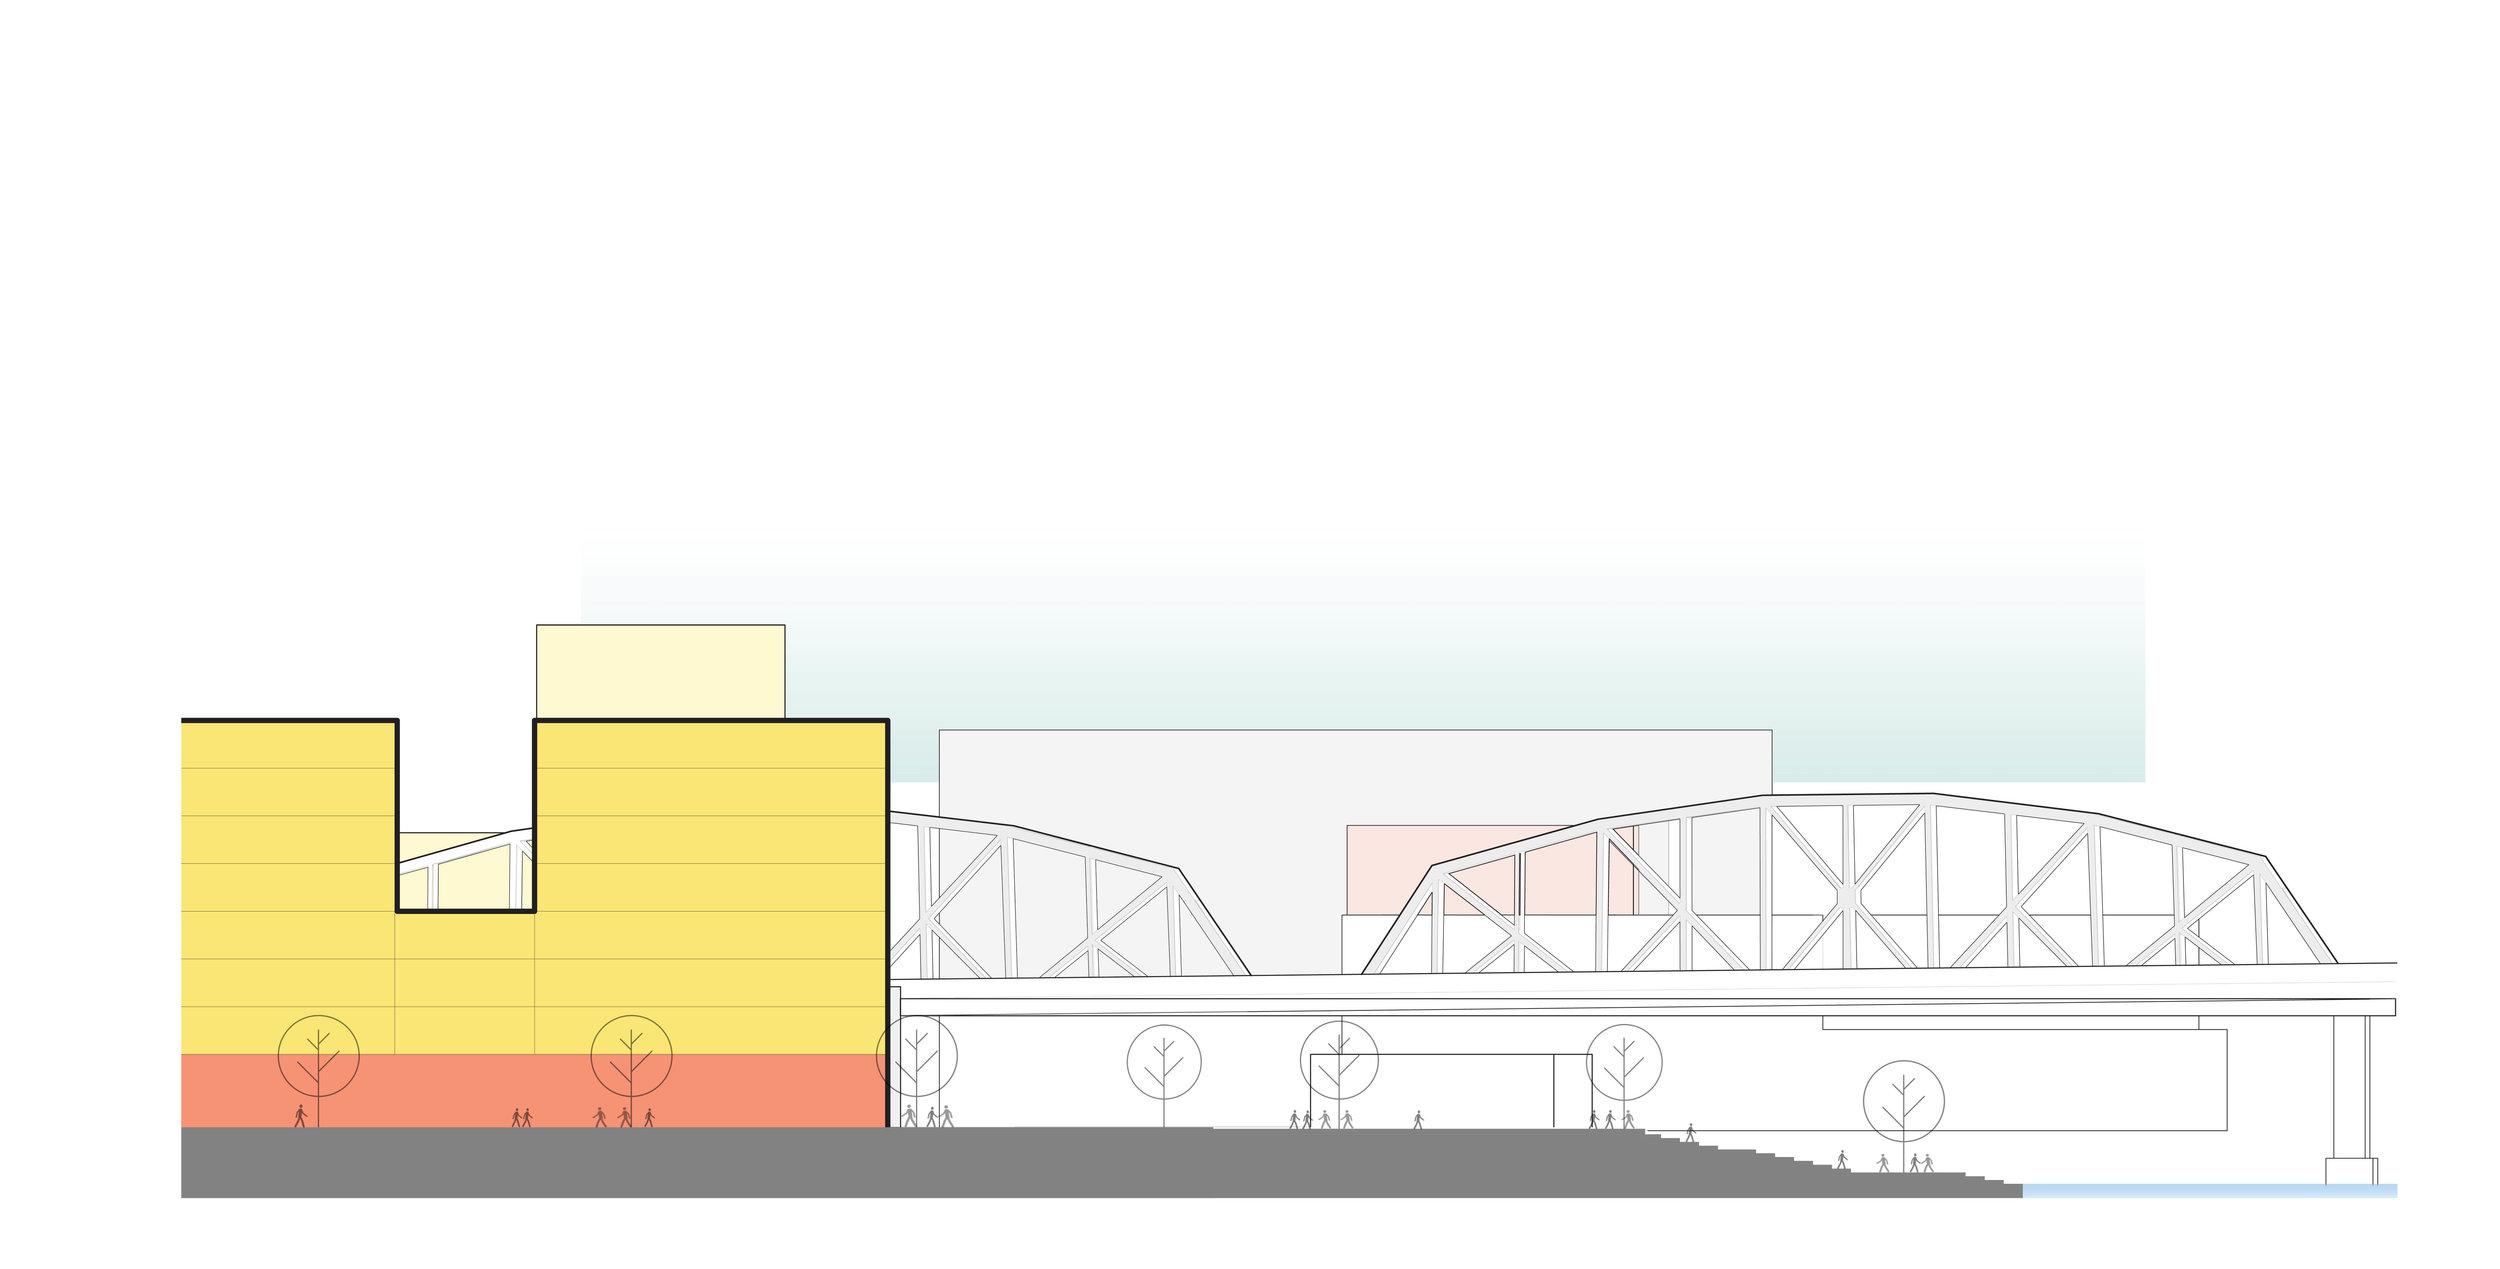 2015_09-15 Section Set7 final.jpg